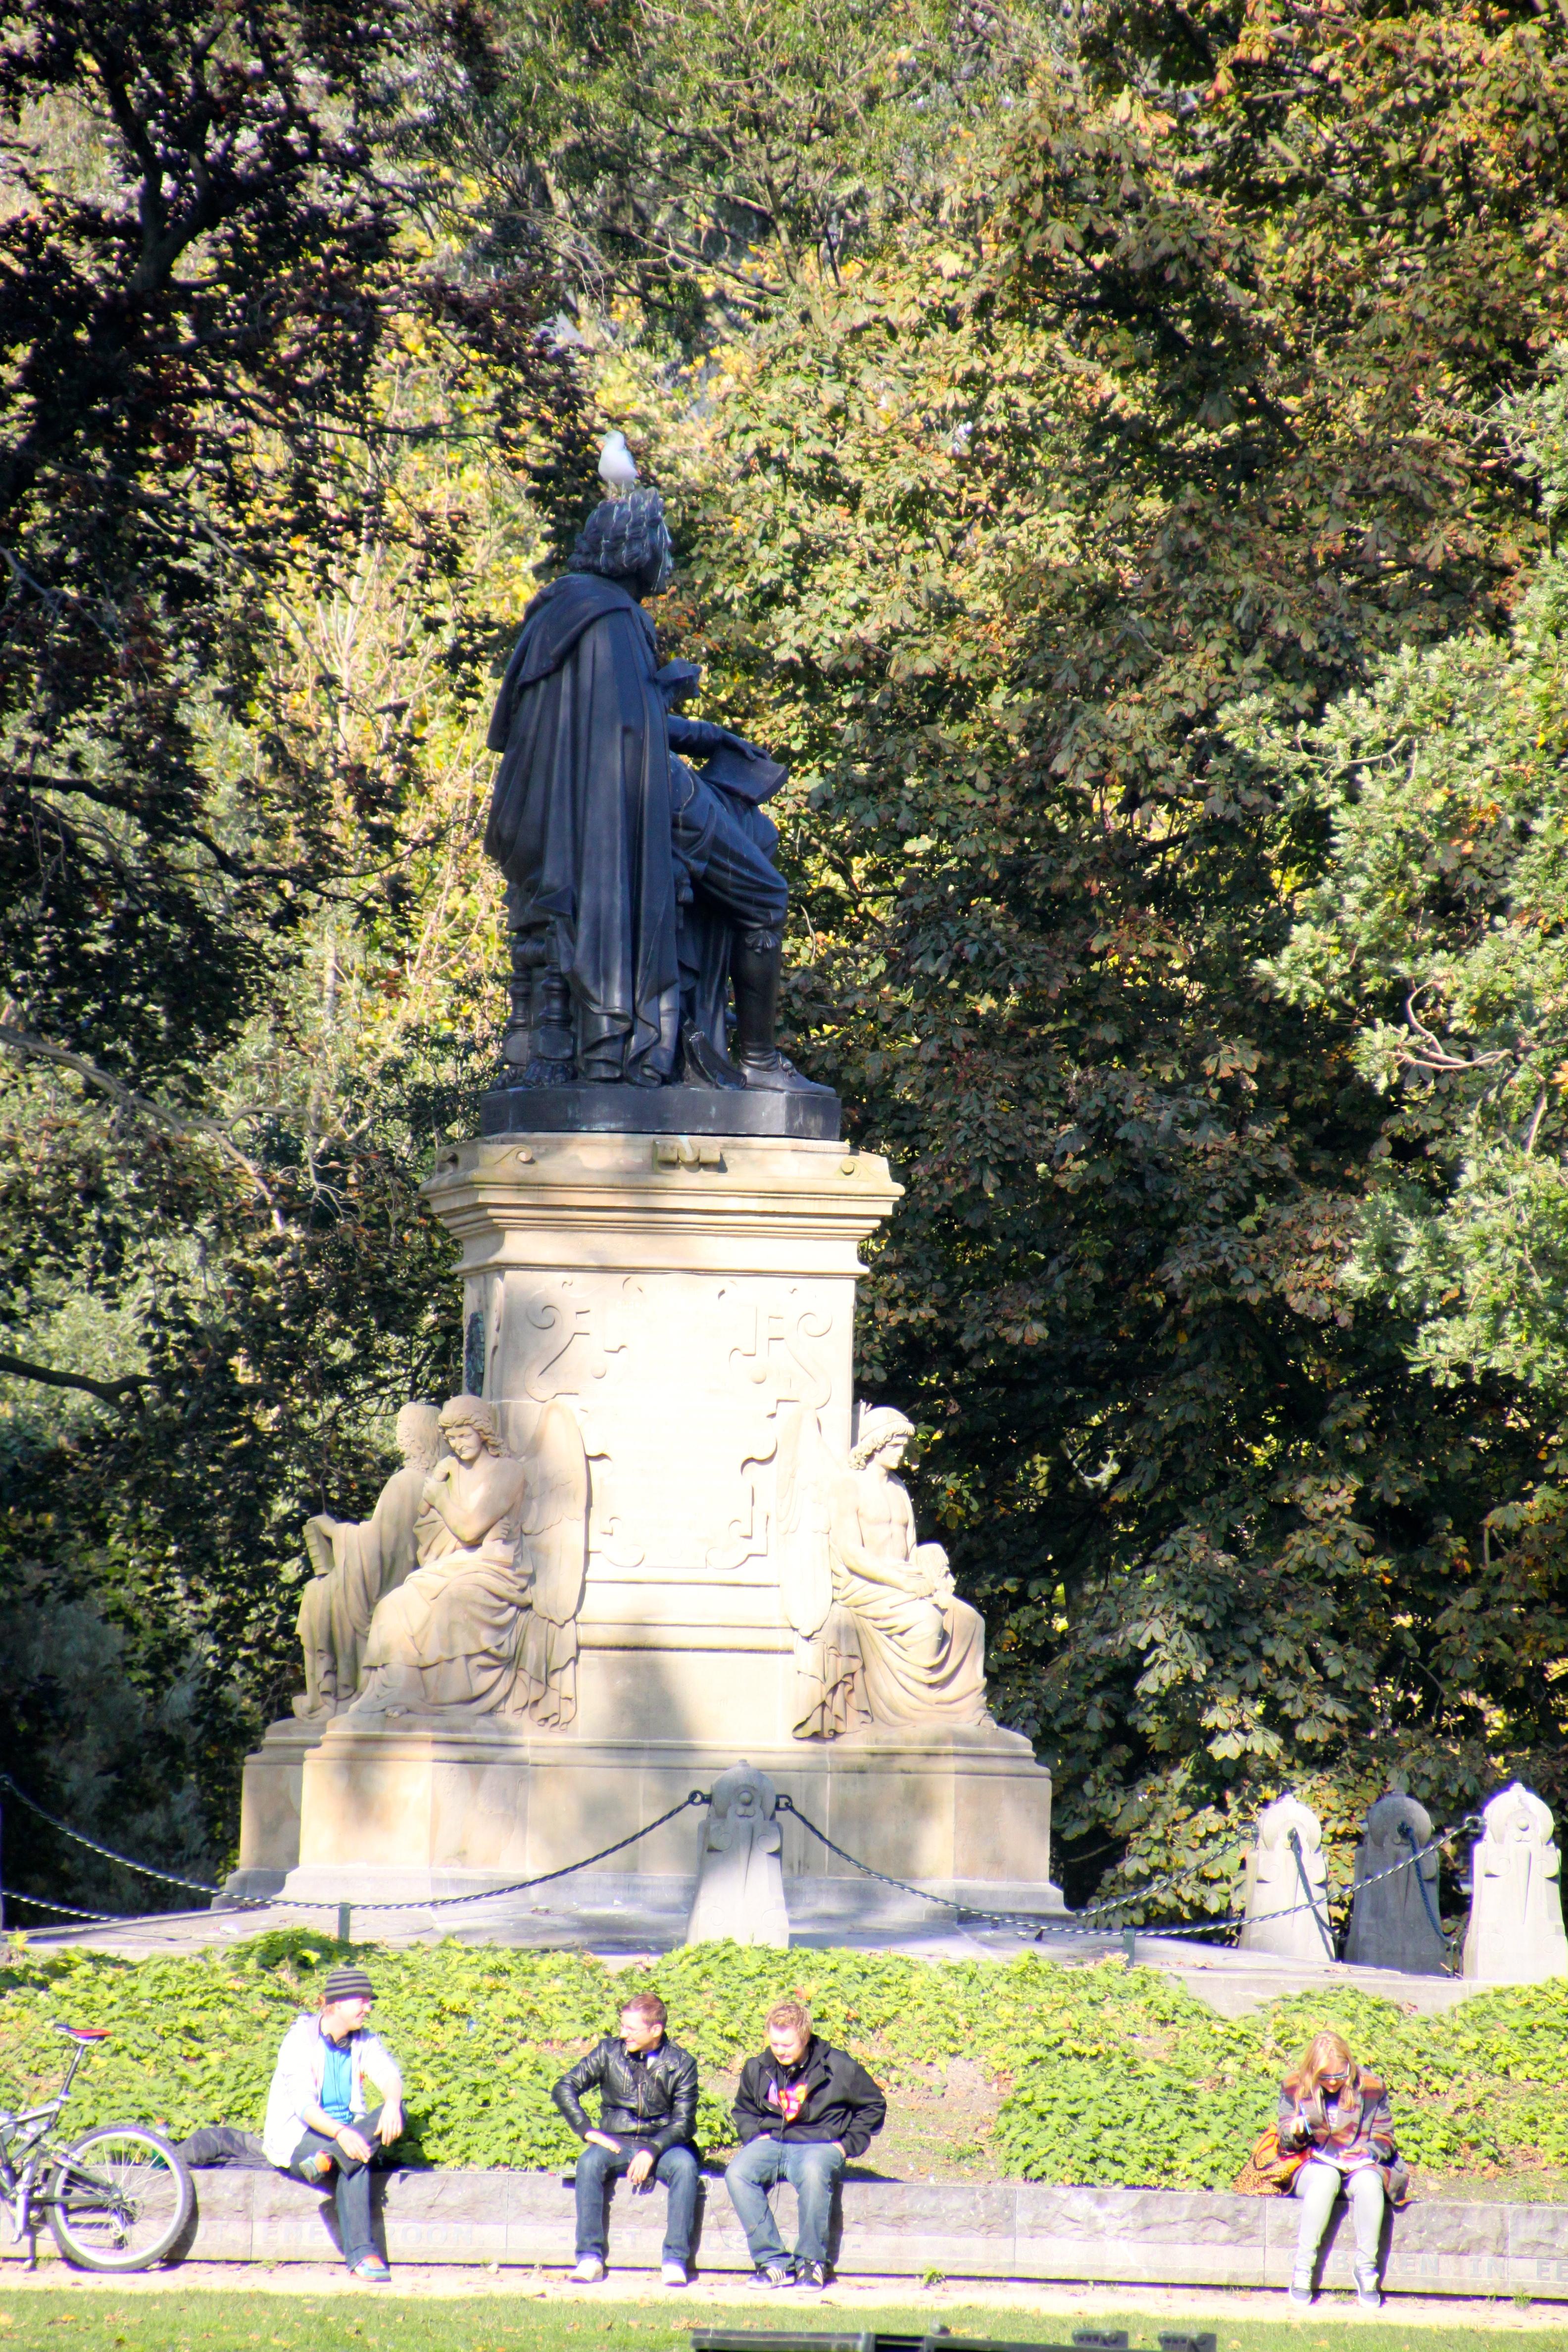 Estatua de Joost Van Den Vondel - Vondelpark (Amsterdam)